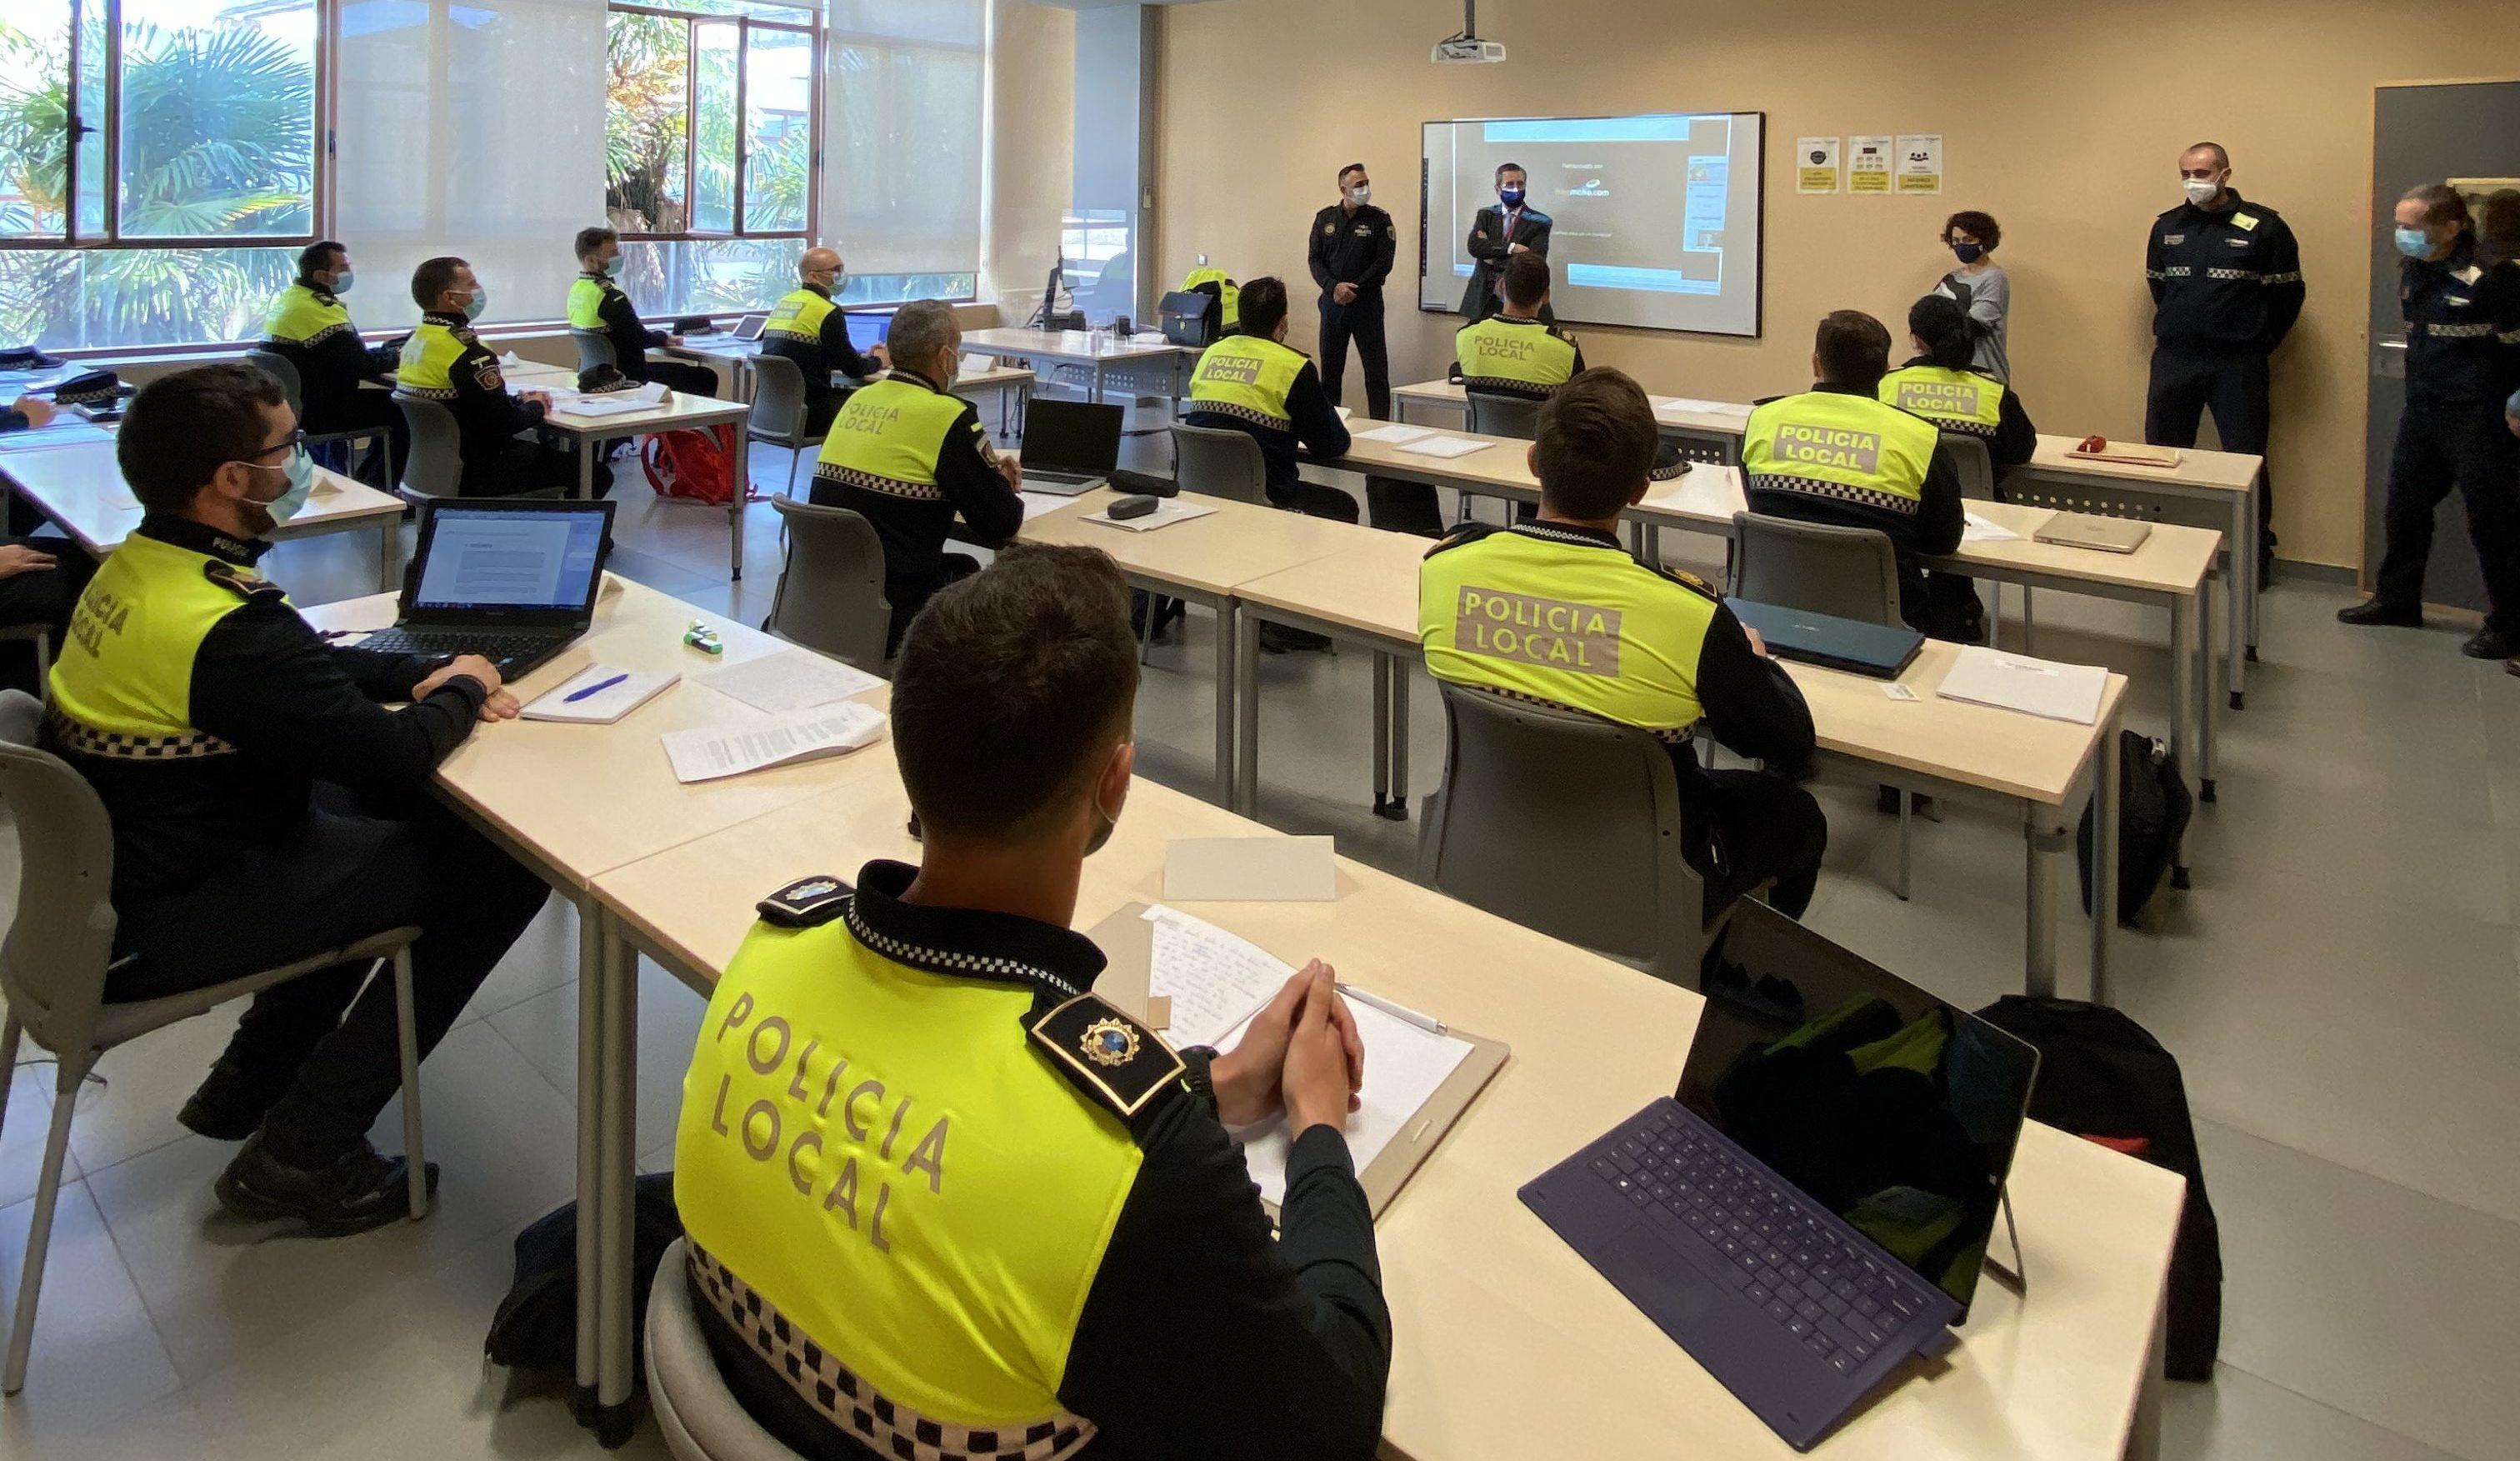 L'Agència de Seguretat i Emergències posa en marxa el curs bàsic de Policia Local